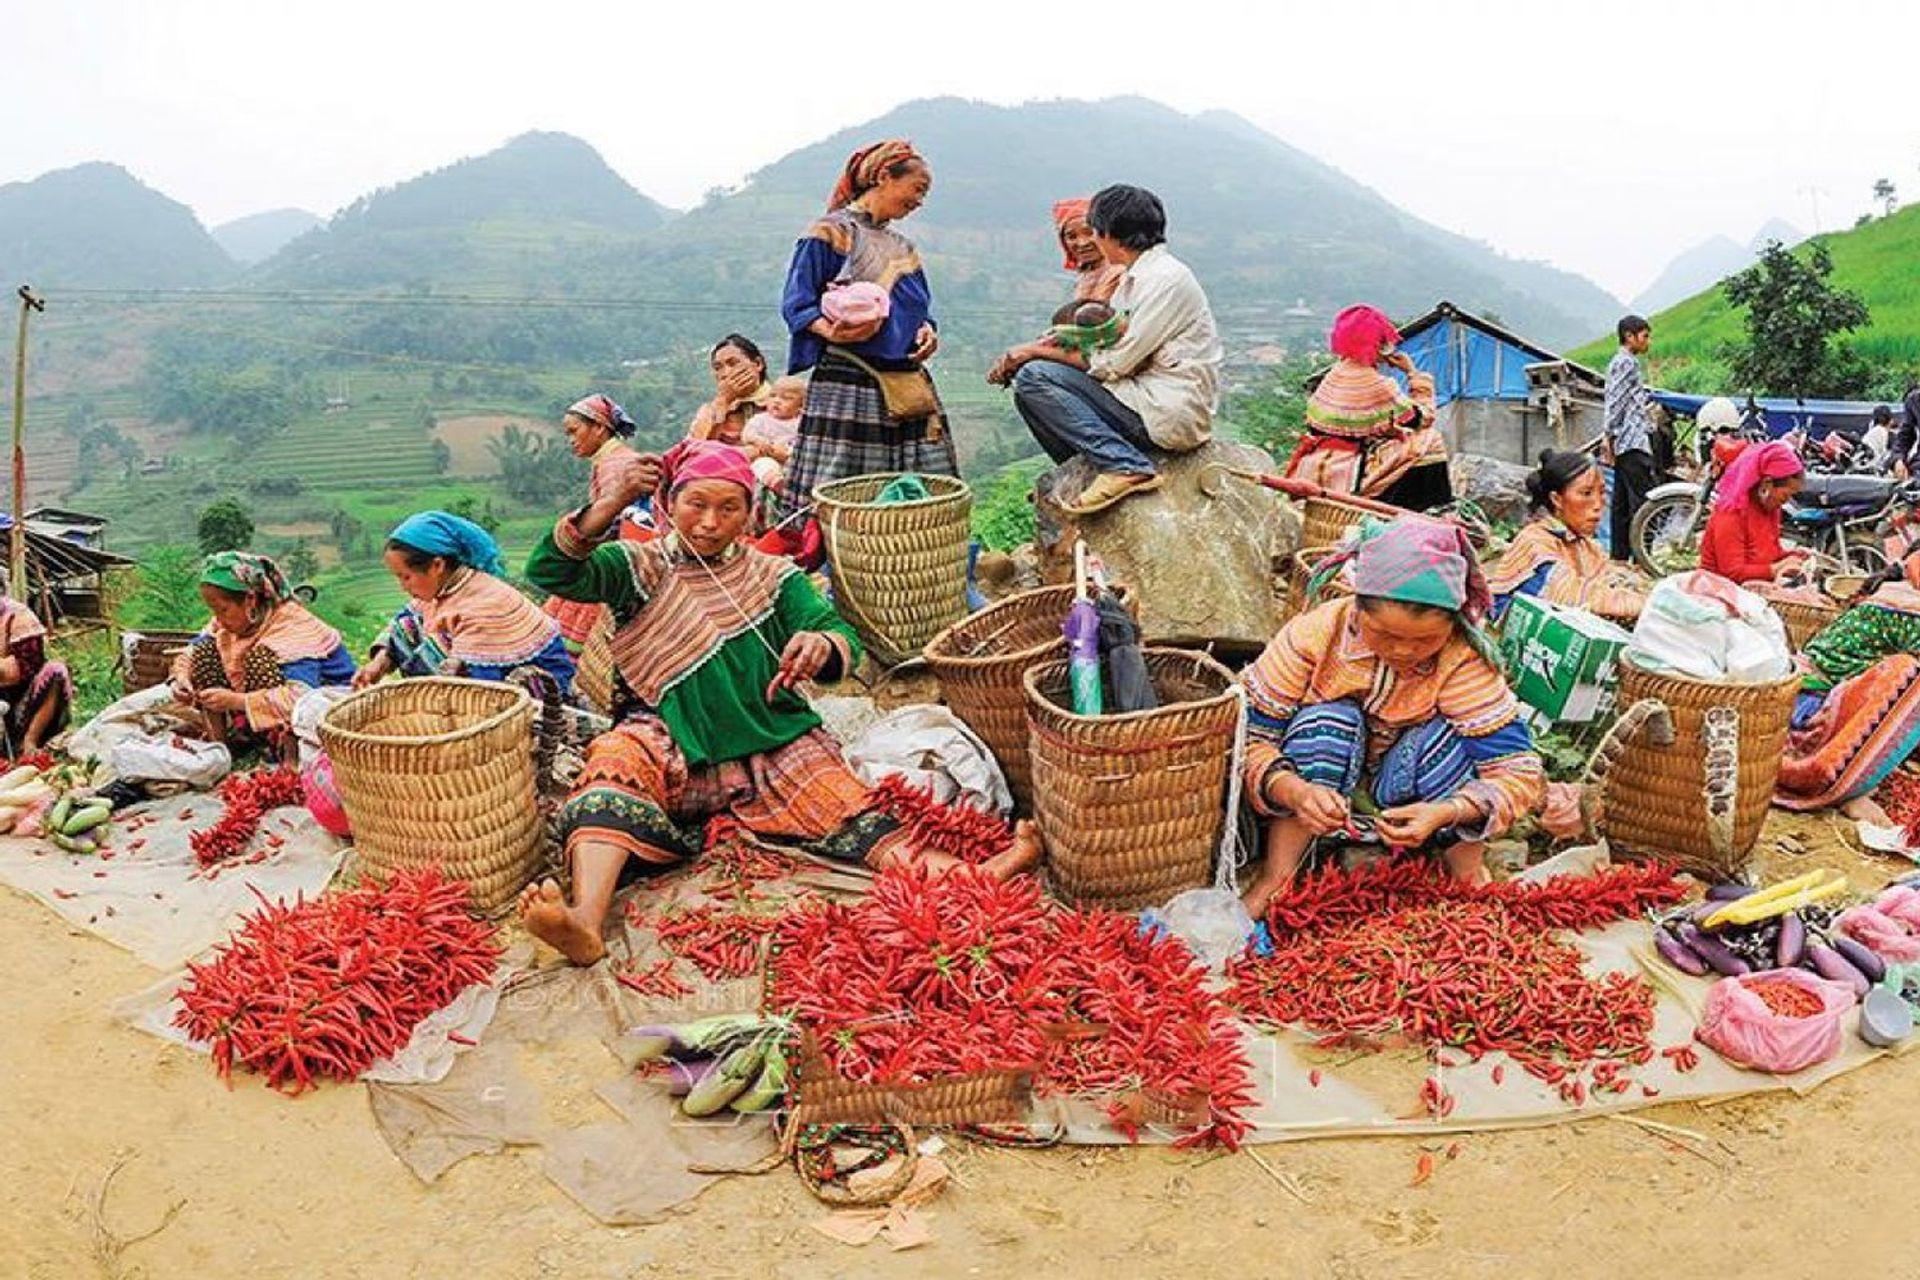 Chợ phiên đã trở thành nét sinh hoạt văn hóa đặc trưng ở Hà Giang